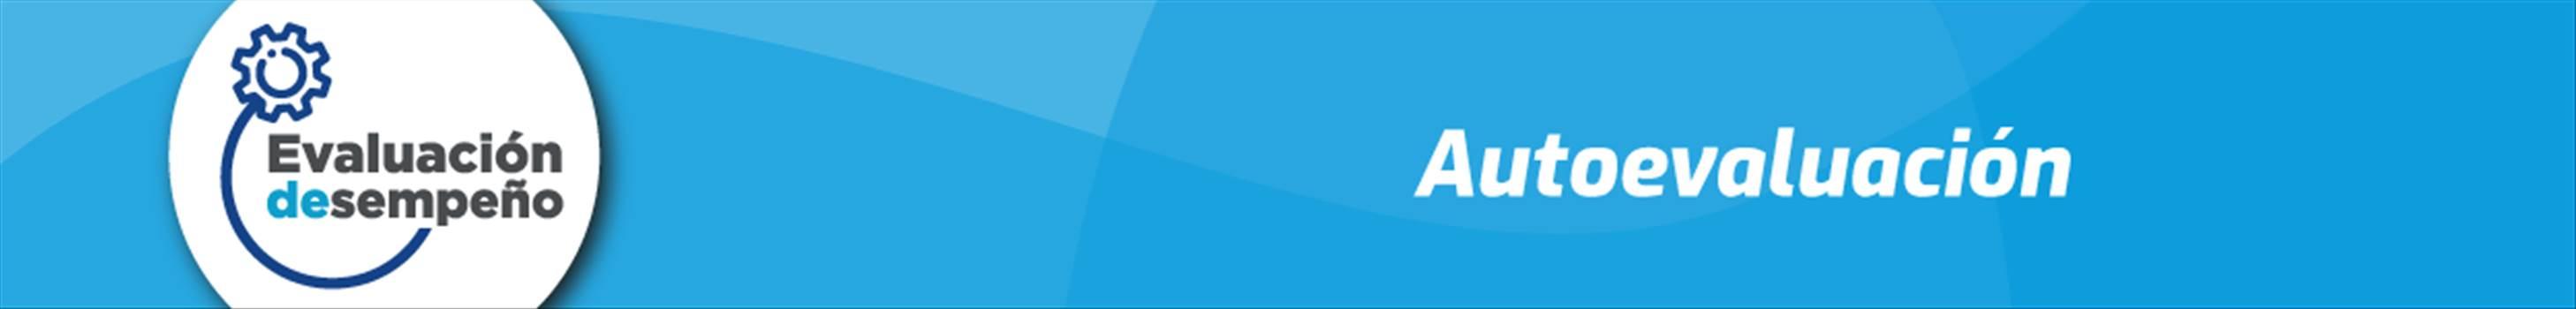 3.-Autoevaluación.png by andreaespinoza